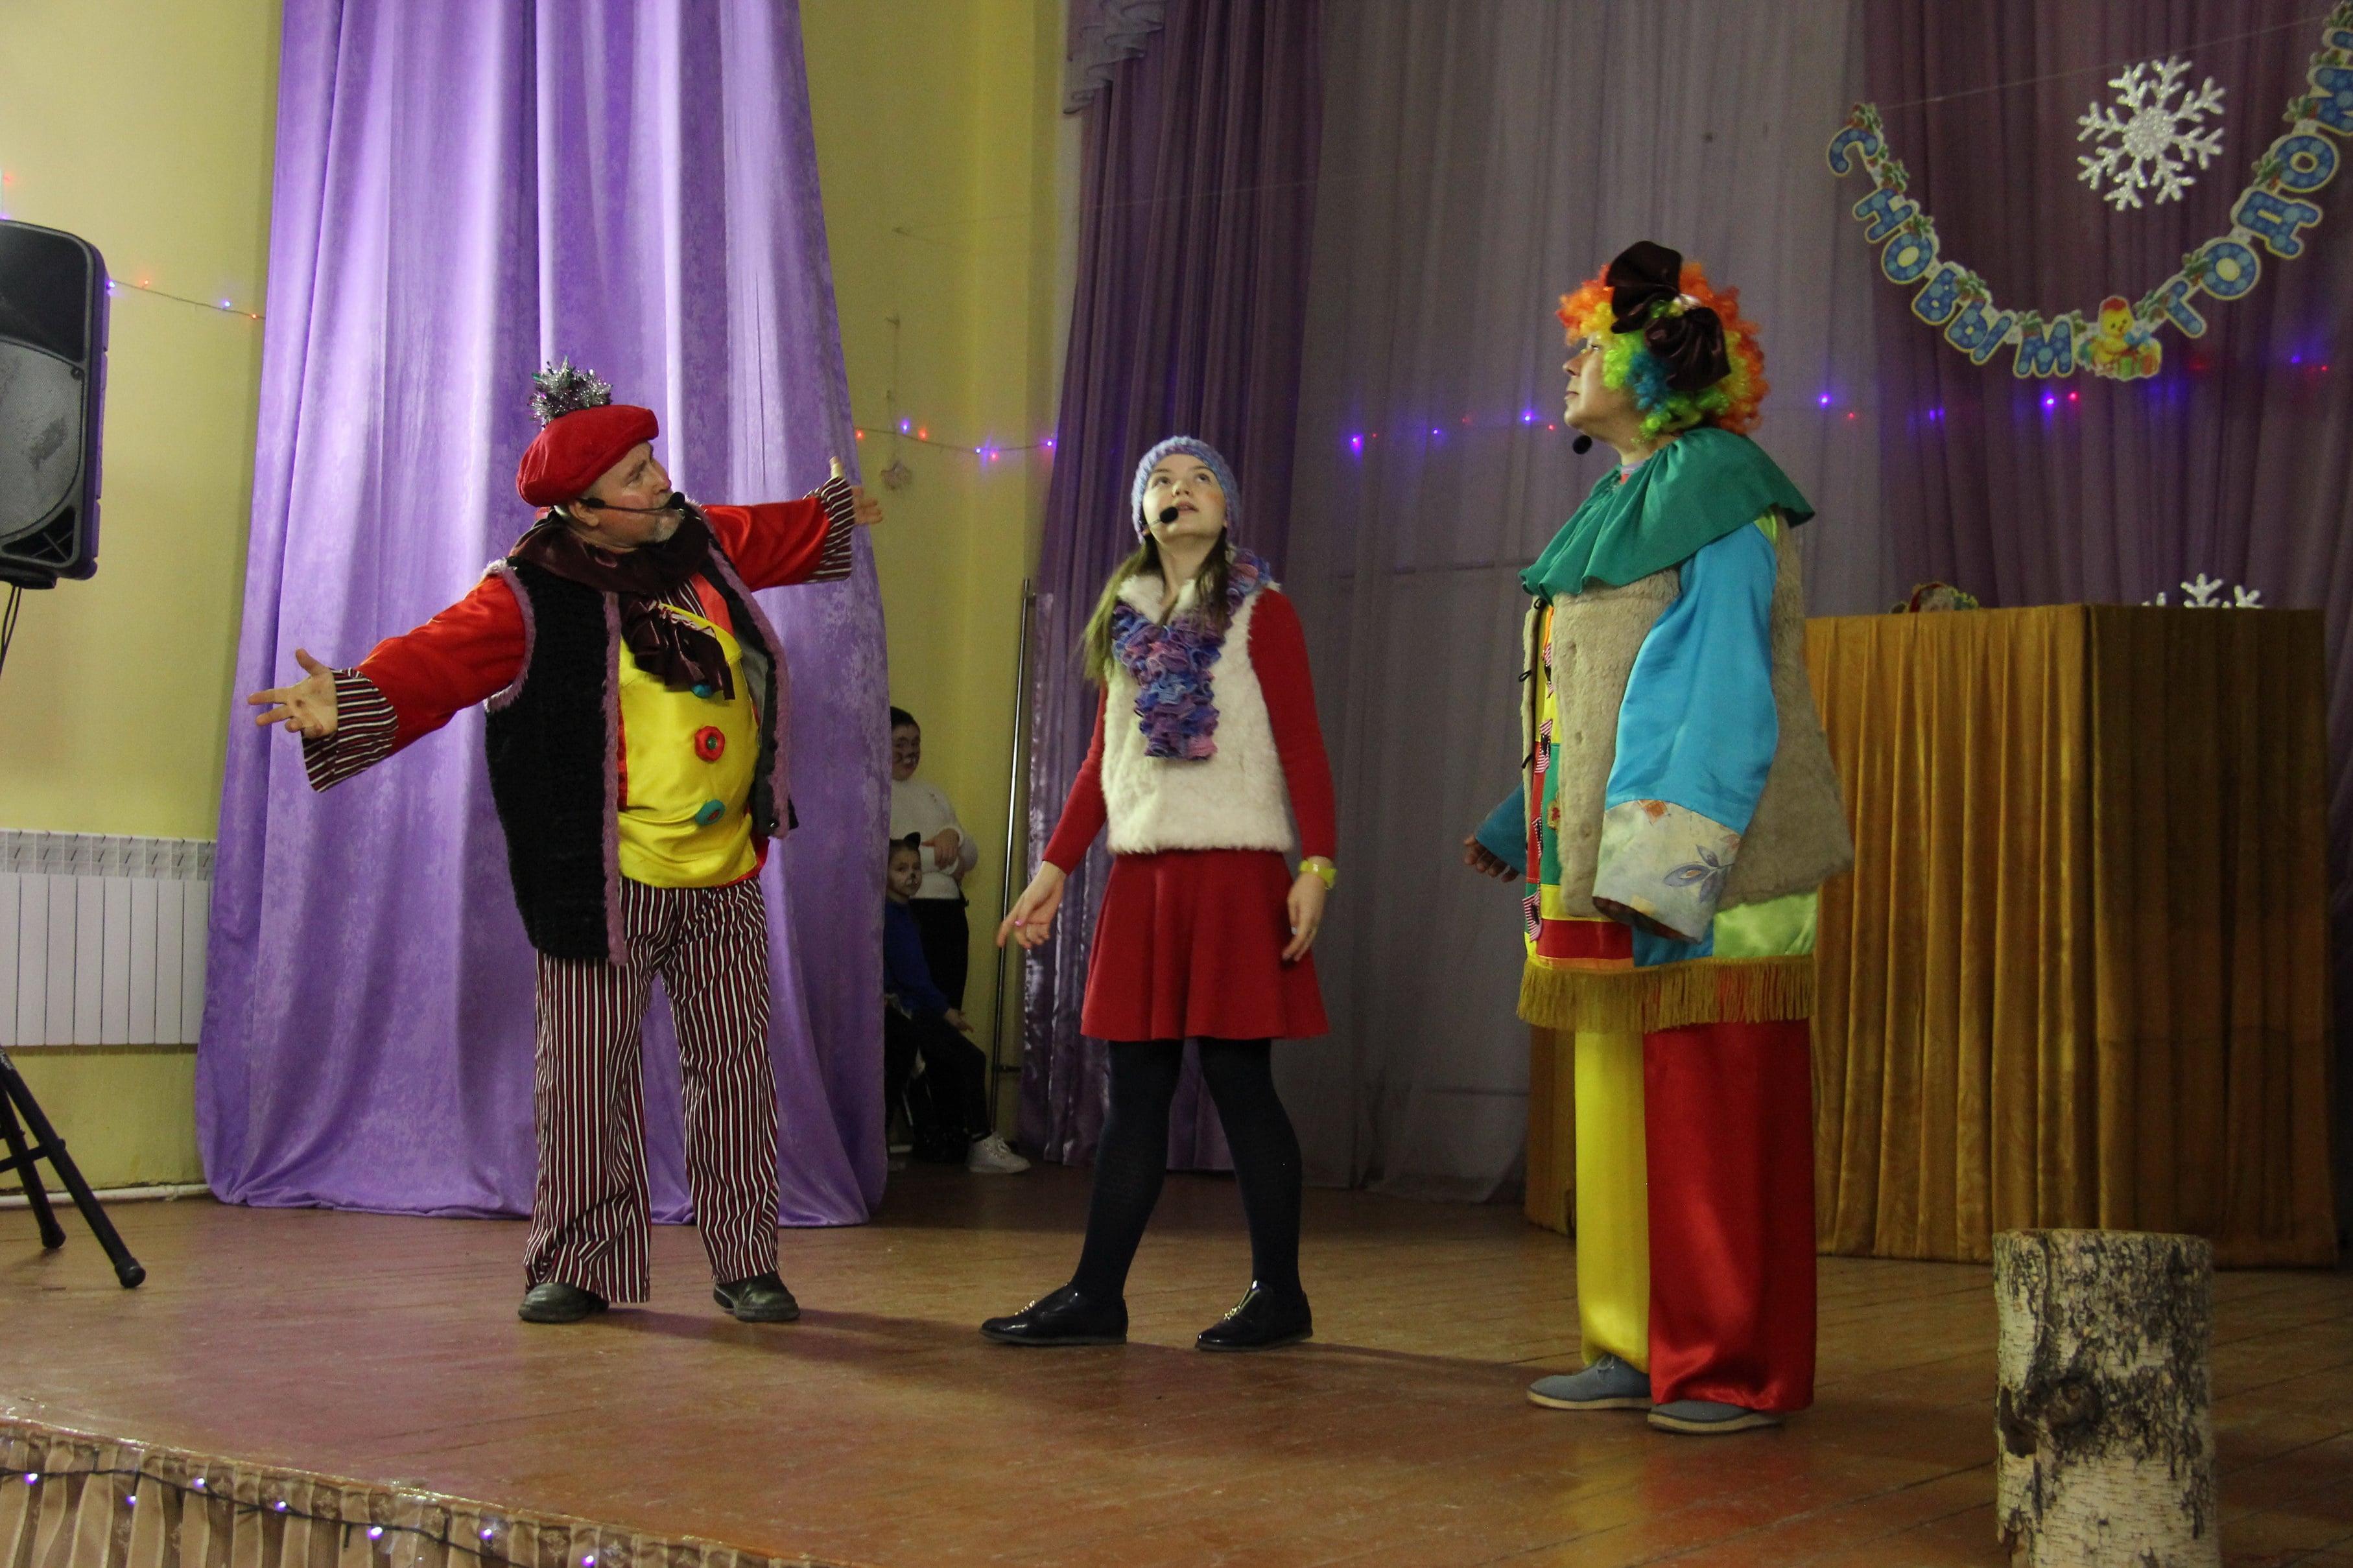 http://monuspen.ru/photoreports/7e2fac8d59536ce3faa4191d7710c873.JPG